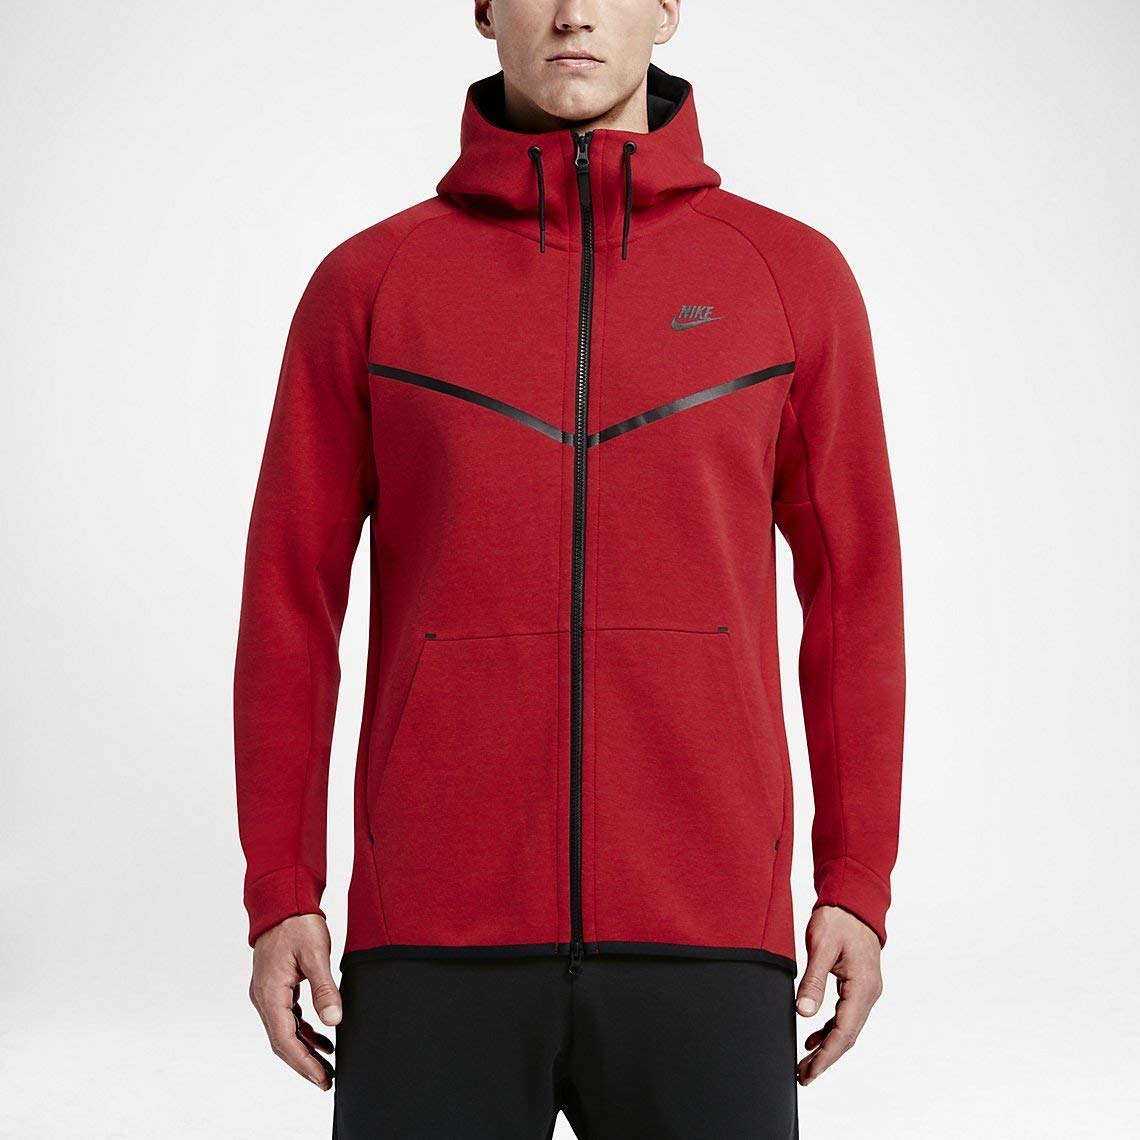 3b83d3dbdc2511 Galleon - Nike Mens Sportswear Tech Fleece Windrunner Hooded Sweatshirt  University Red Black 805144-654 Size X-Large